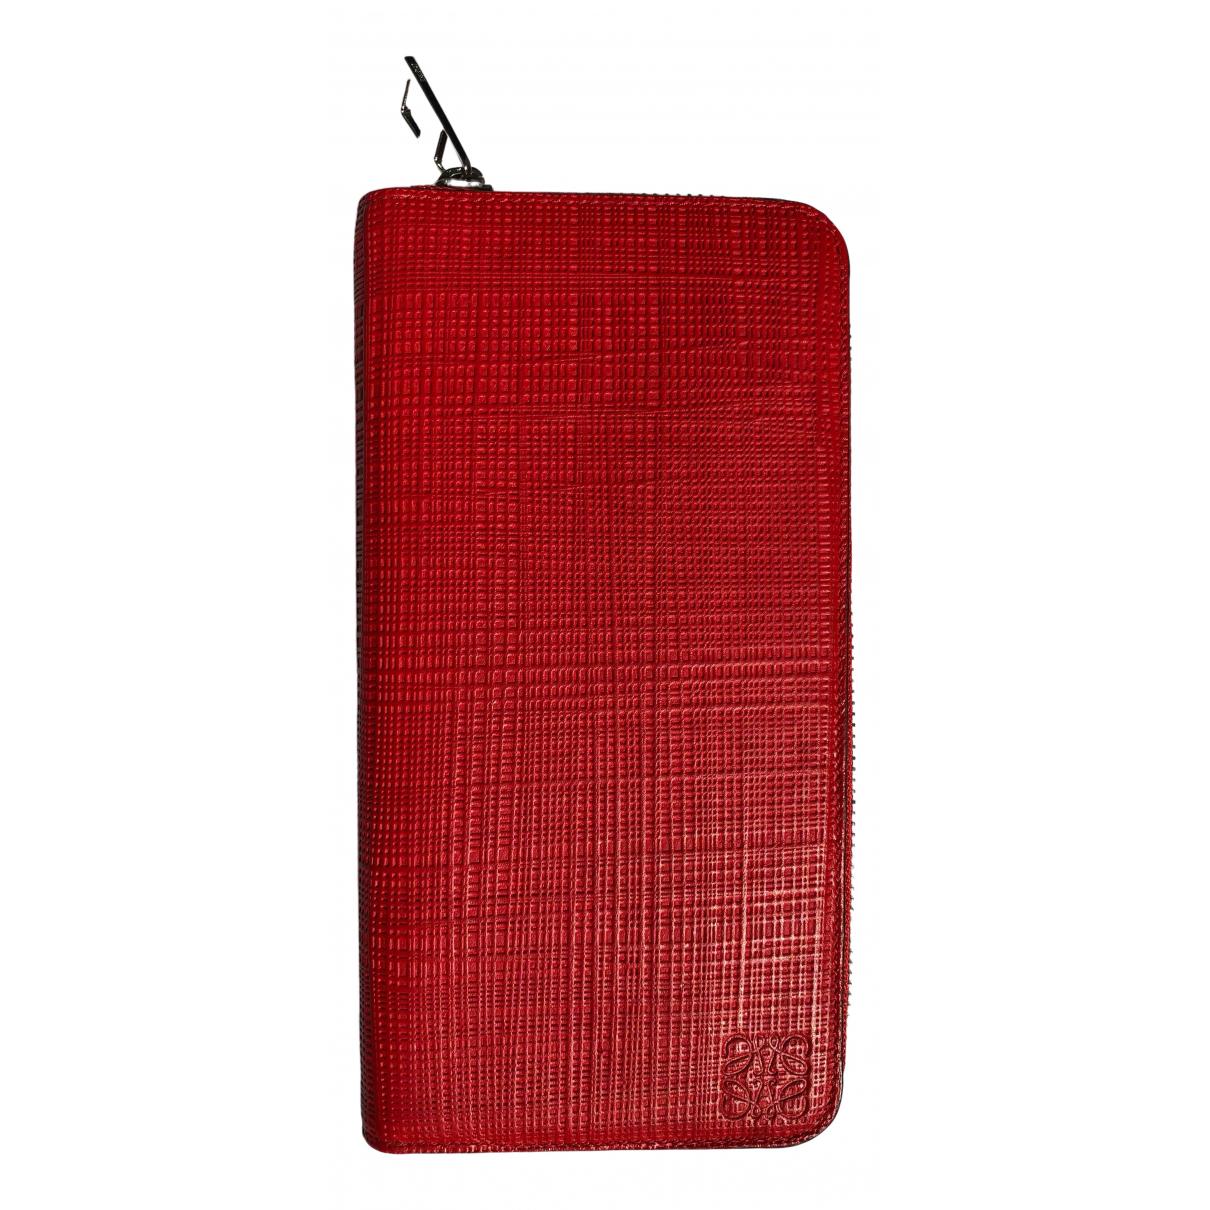 Loewe \N Red Leather wallet for Women \N